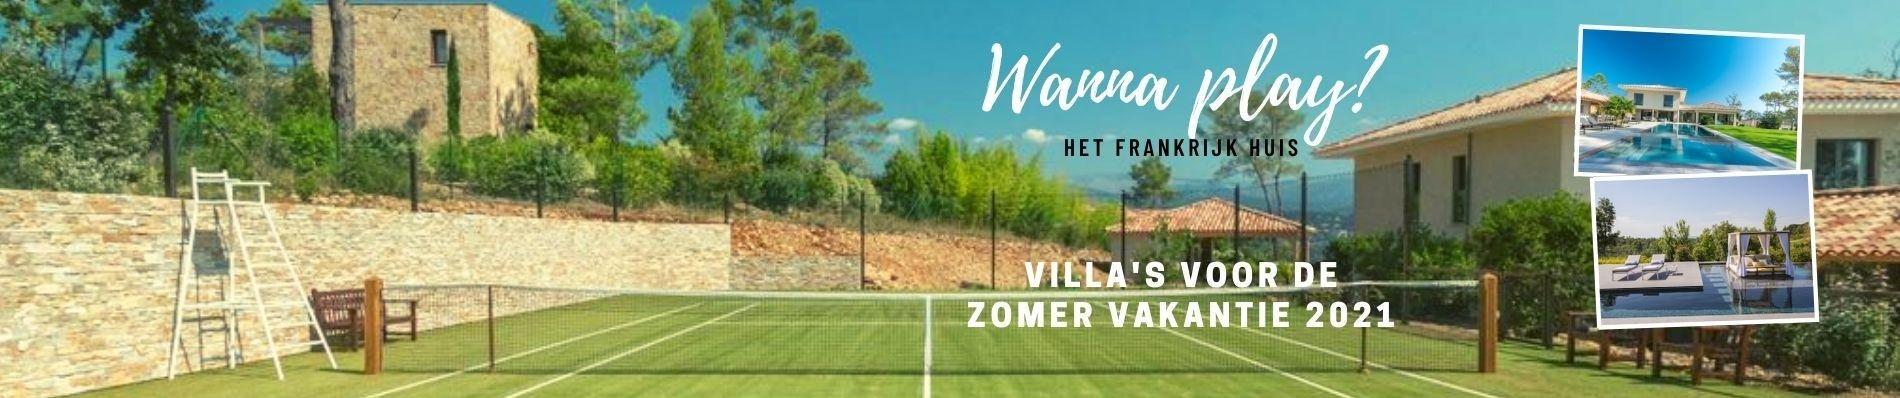 frankrijk zomervakantie villa zwembad vakantiehuis cote d azur